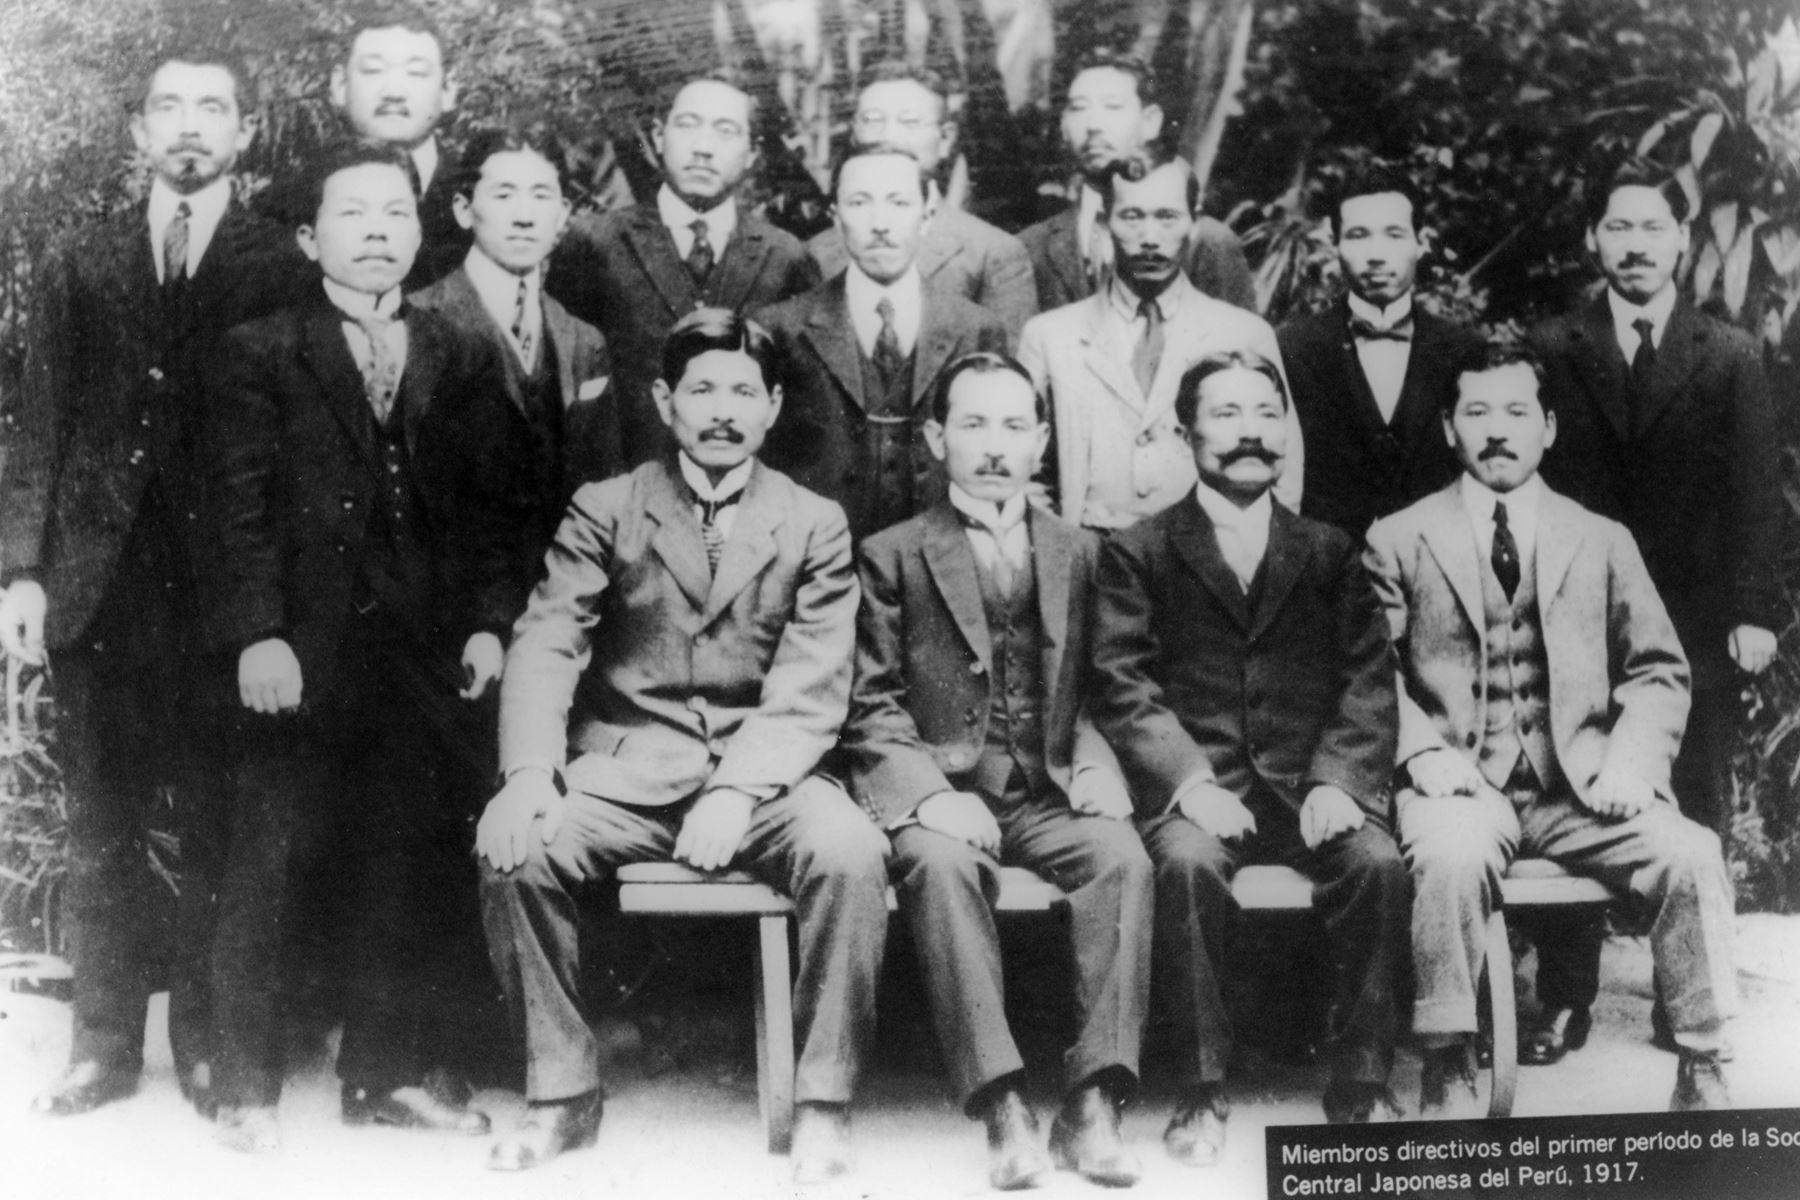 Lima - 1917 / Miembros directivos del primer periodo de la Sociedad Central Japonesa del Perú.